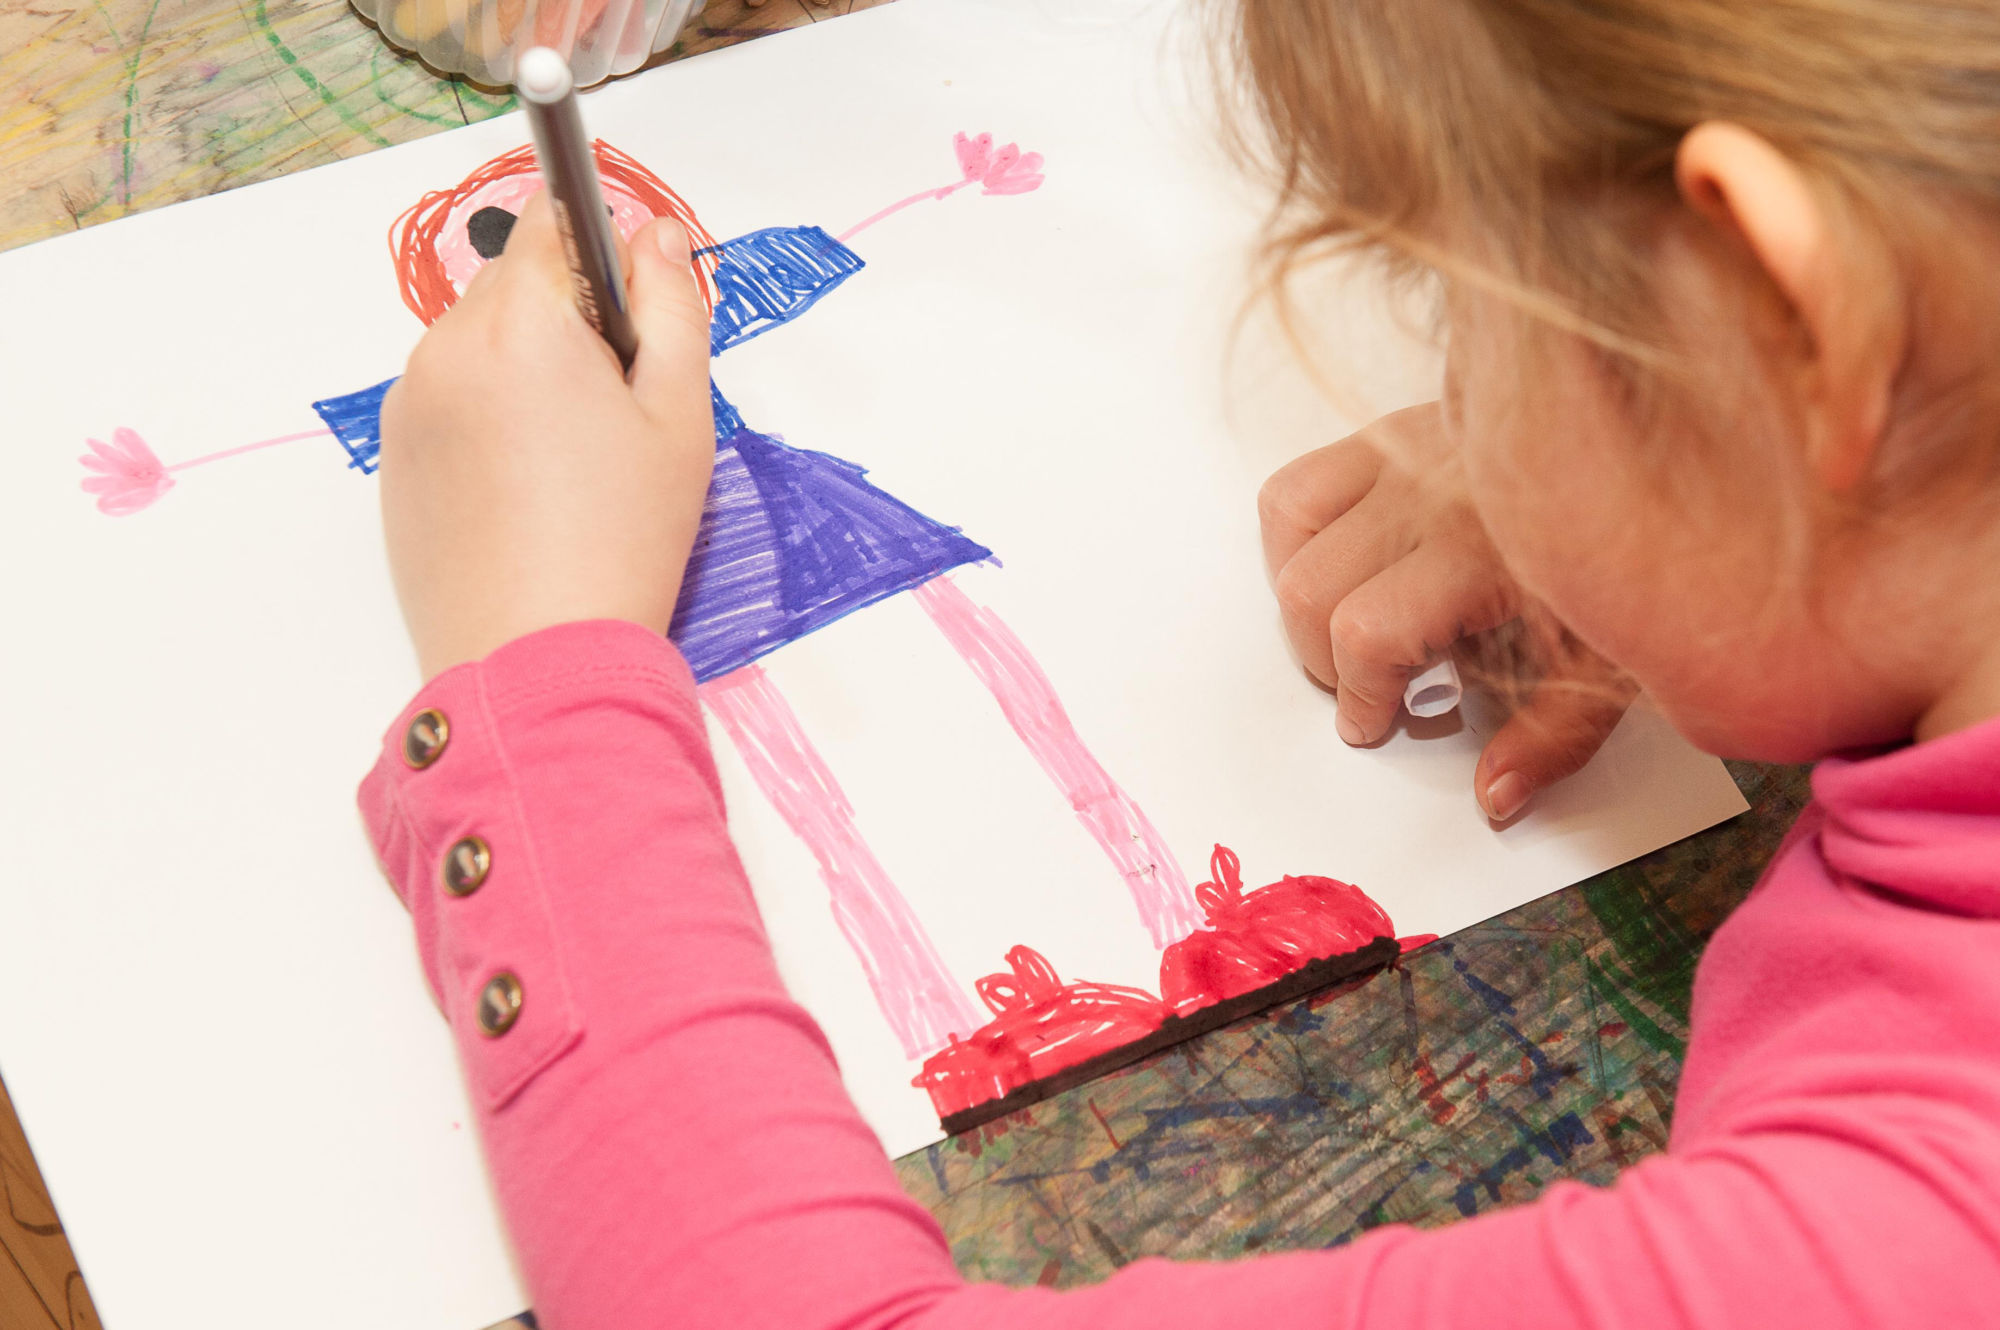 Zrelosť dieťaťa - kresba postavy